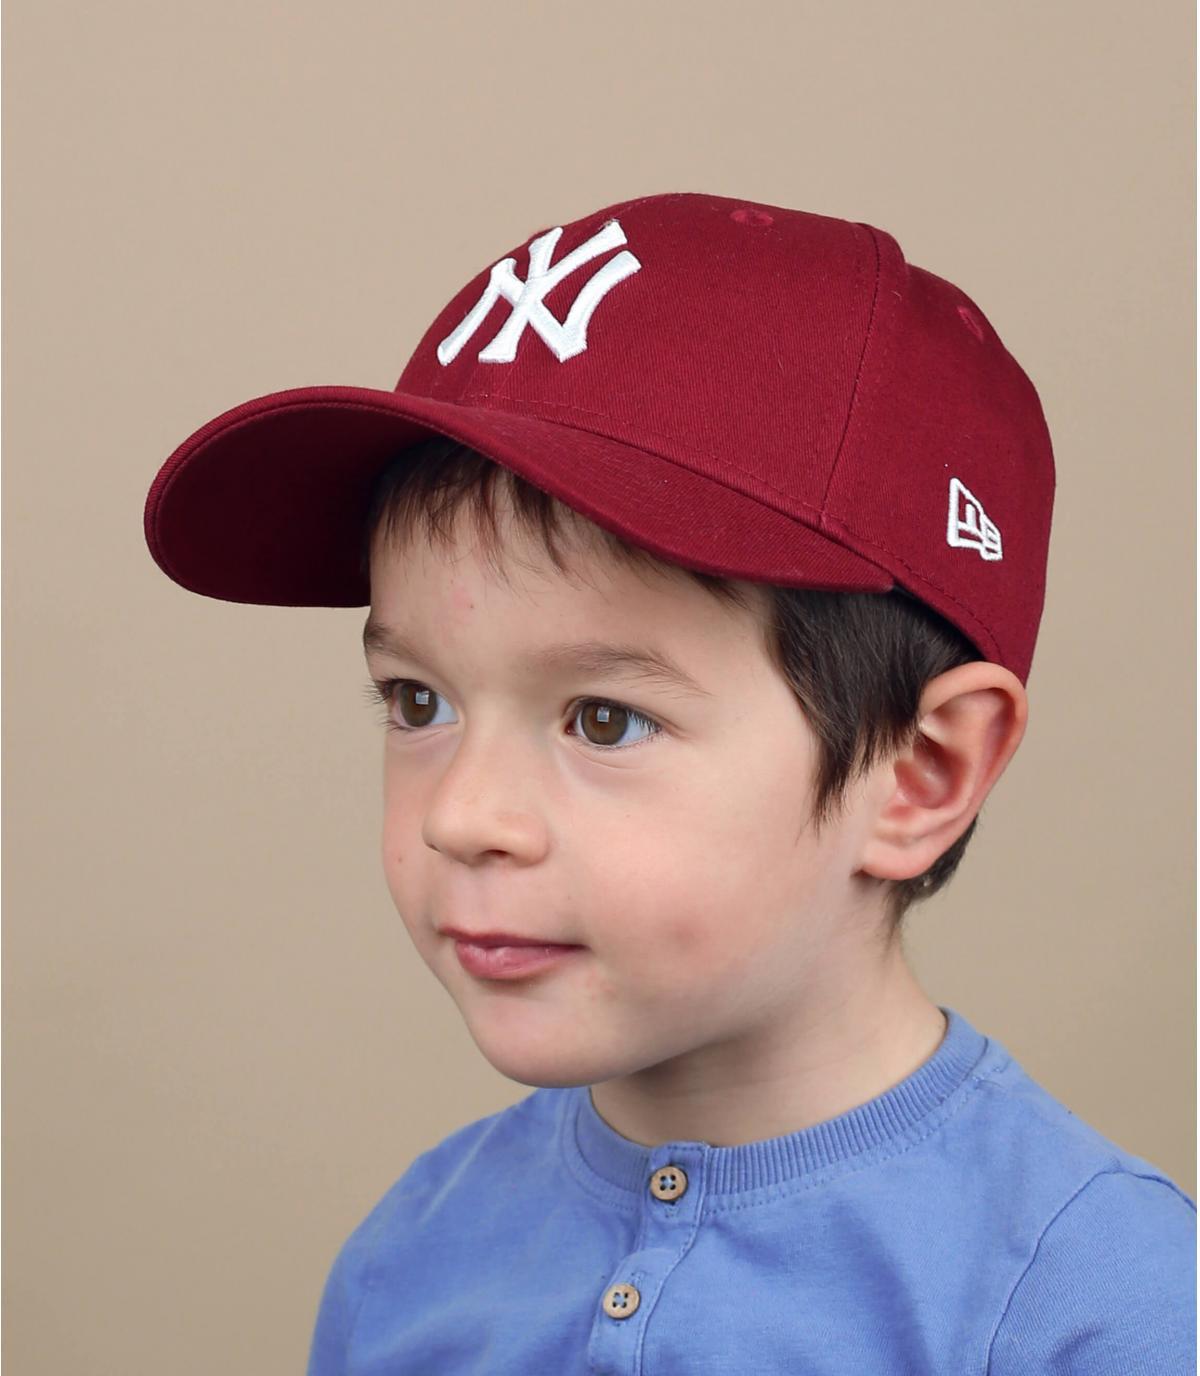 cappellino NY rosso bambino